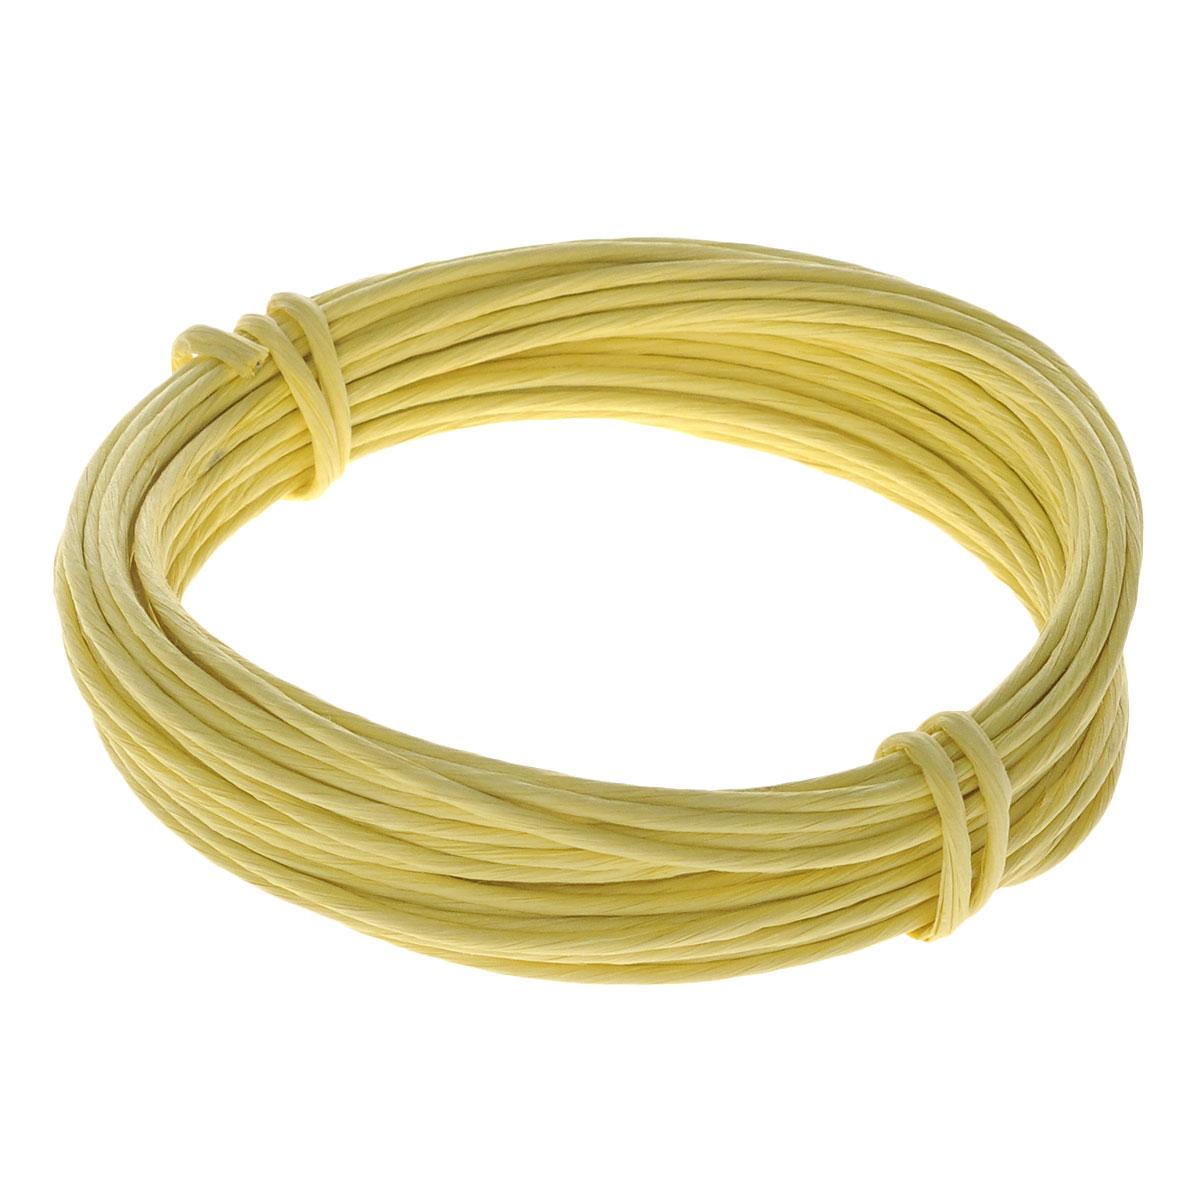 Проволока для рукоделия Folia, в бумажной оплетке, цвет: желтый, 1,5 мм х 10 м7708070Проволока для рукоделия Folia, изготовленная из алюминия с бумажной оплеткой, может быть использована для создания различных изделий бижутерии, для декора фотоальбомов, домашнего интерьера и других целей. Проволока - это очень распространенный и легкодоступный материал. Ее изготавливают из разных металлов и покрывают лаками разных цветов, благодаря чему она обладает прекрасными декоративными свойствами. Проволока является хорошим материалом для плетения, а для достижения эффектного украшения можно сочетать несколько цветов проволоки. Материал: алюминий, бумага. Длина проволоки: 10 м. Толщина проволоки: 1,5 мм.